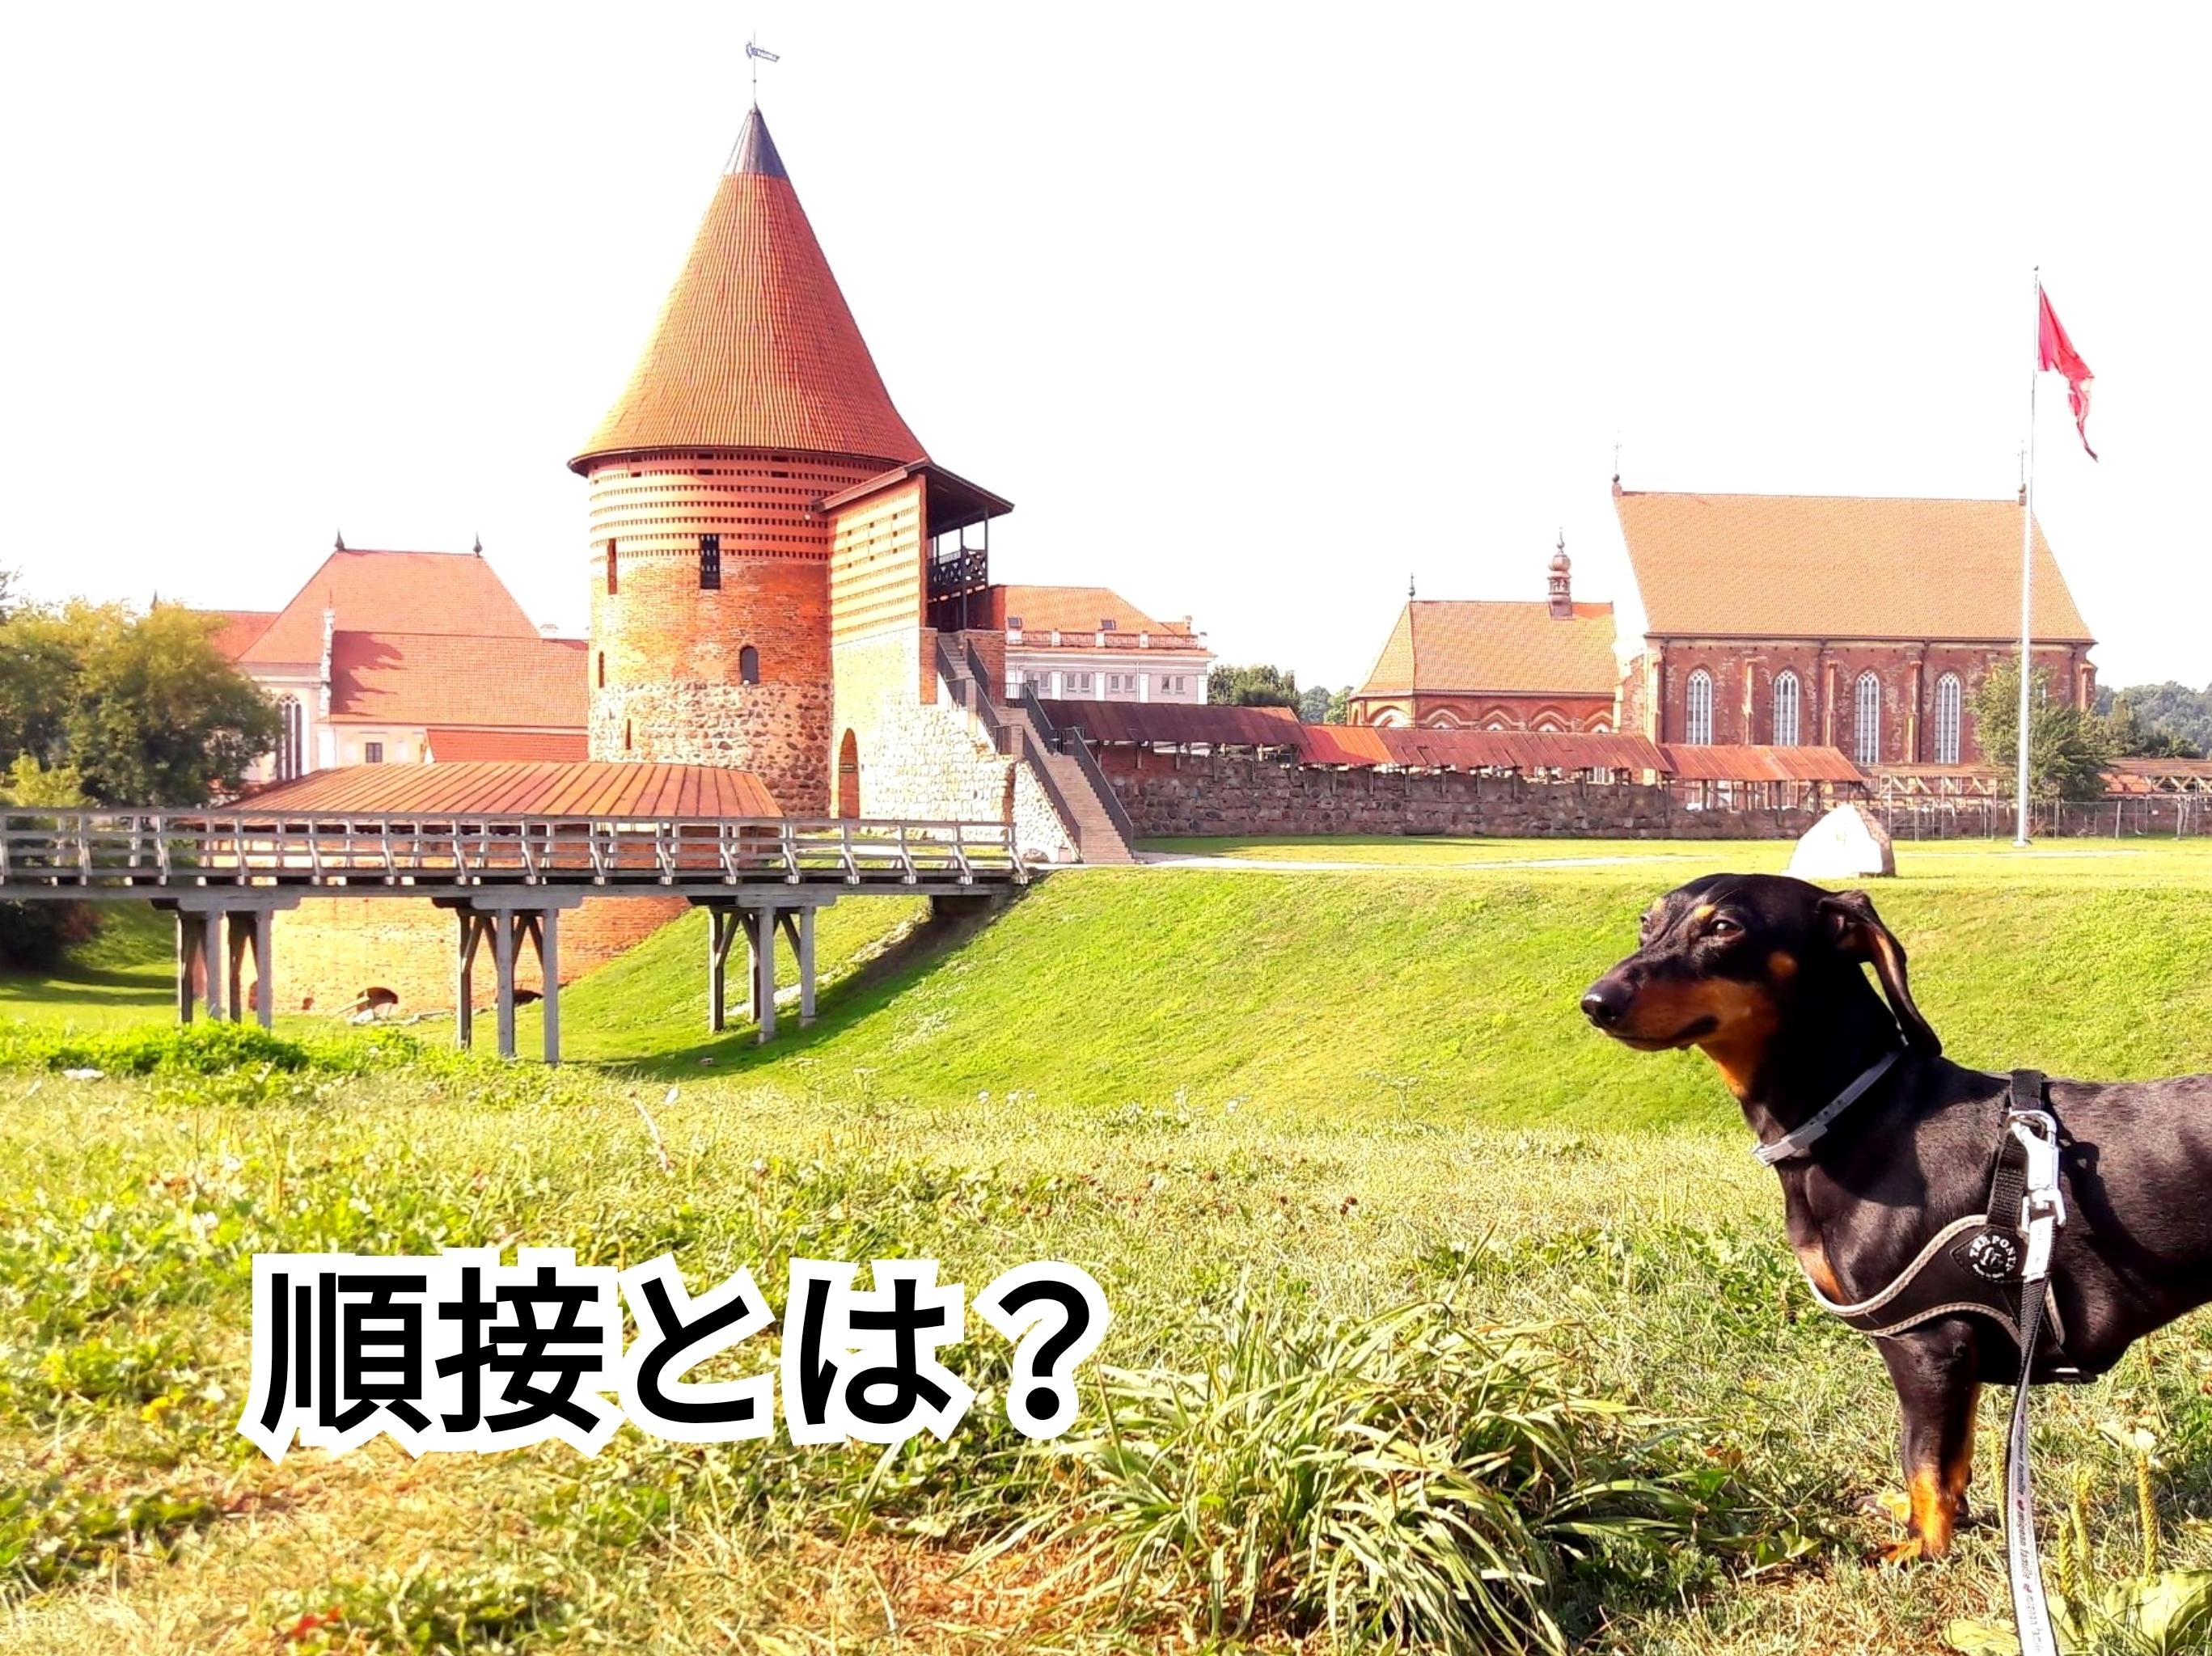 犬の写真に「順接とは?」という単語を入れた画像です